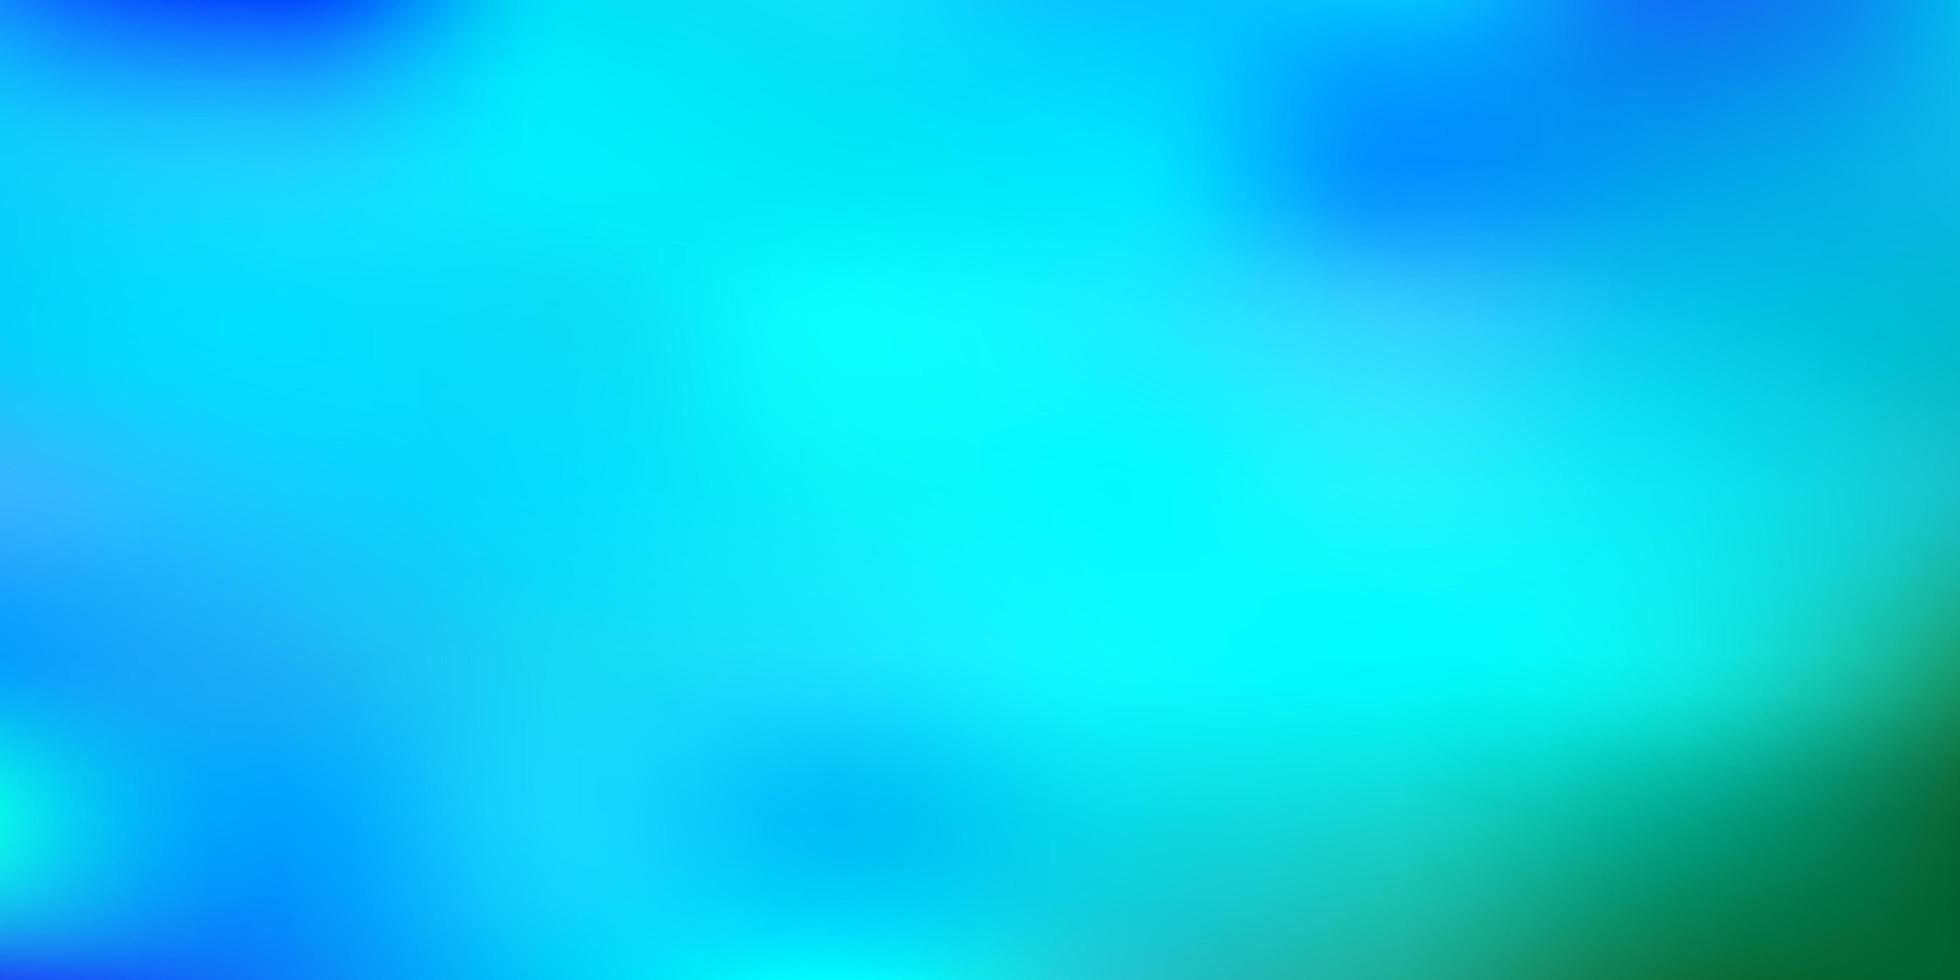 Light blue, green vector gradient blur layout.